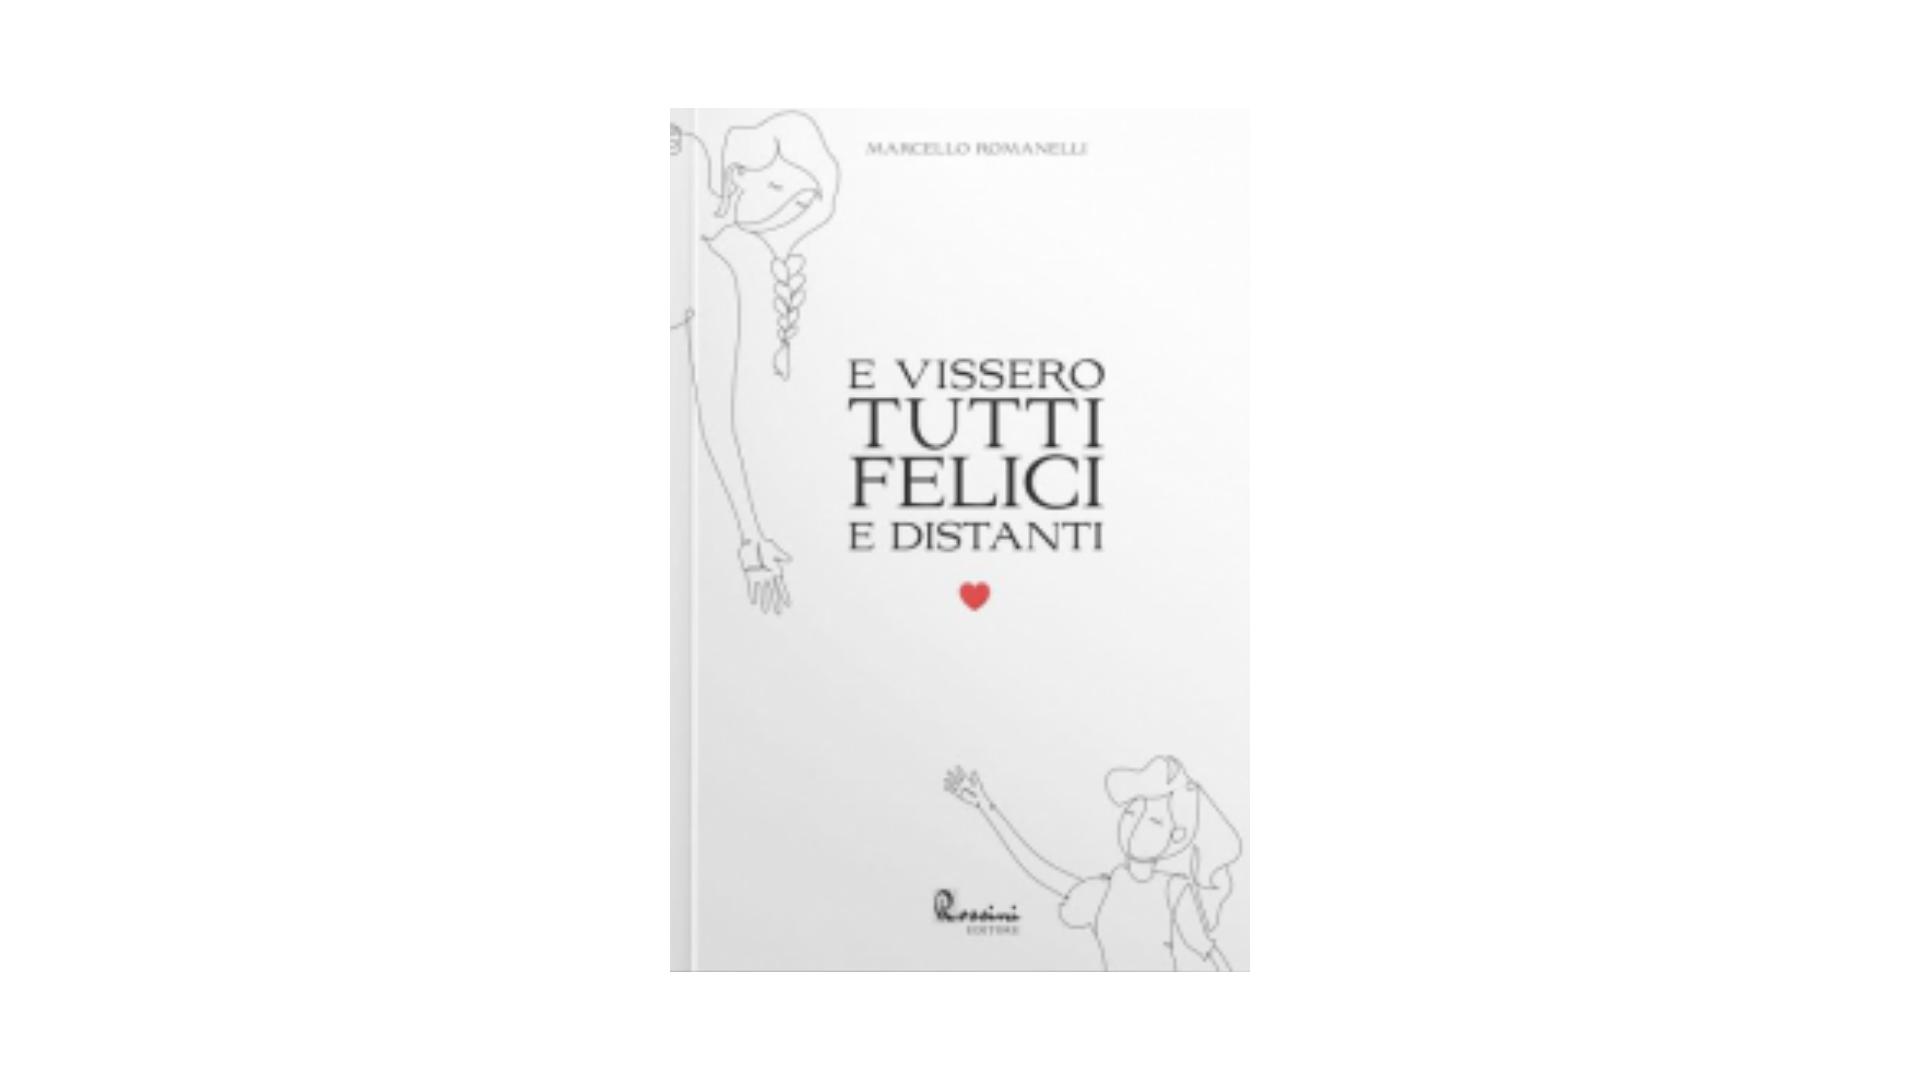 """""""E vissero tutti felici e distanti"""": disponibile negli store dal 12 febbraio il primo libro del giornalista cosentino, Marcello Romanelli."""